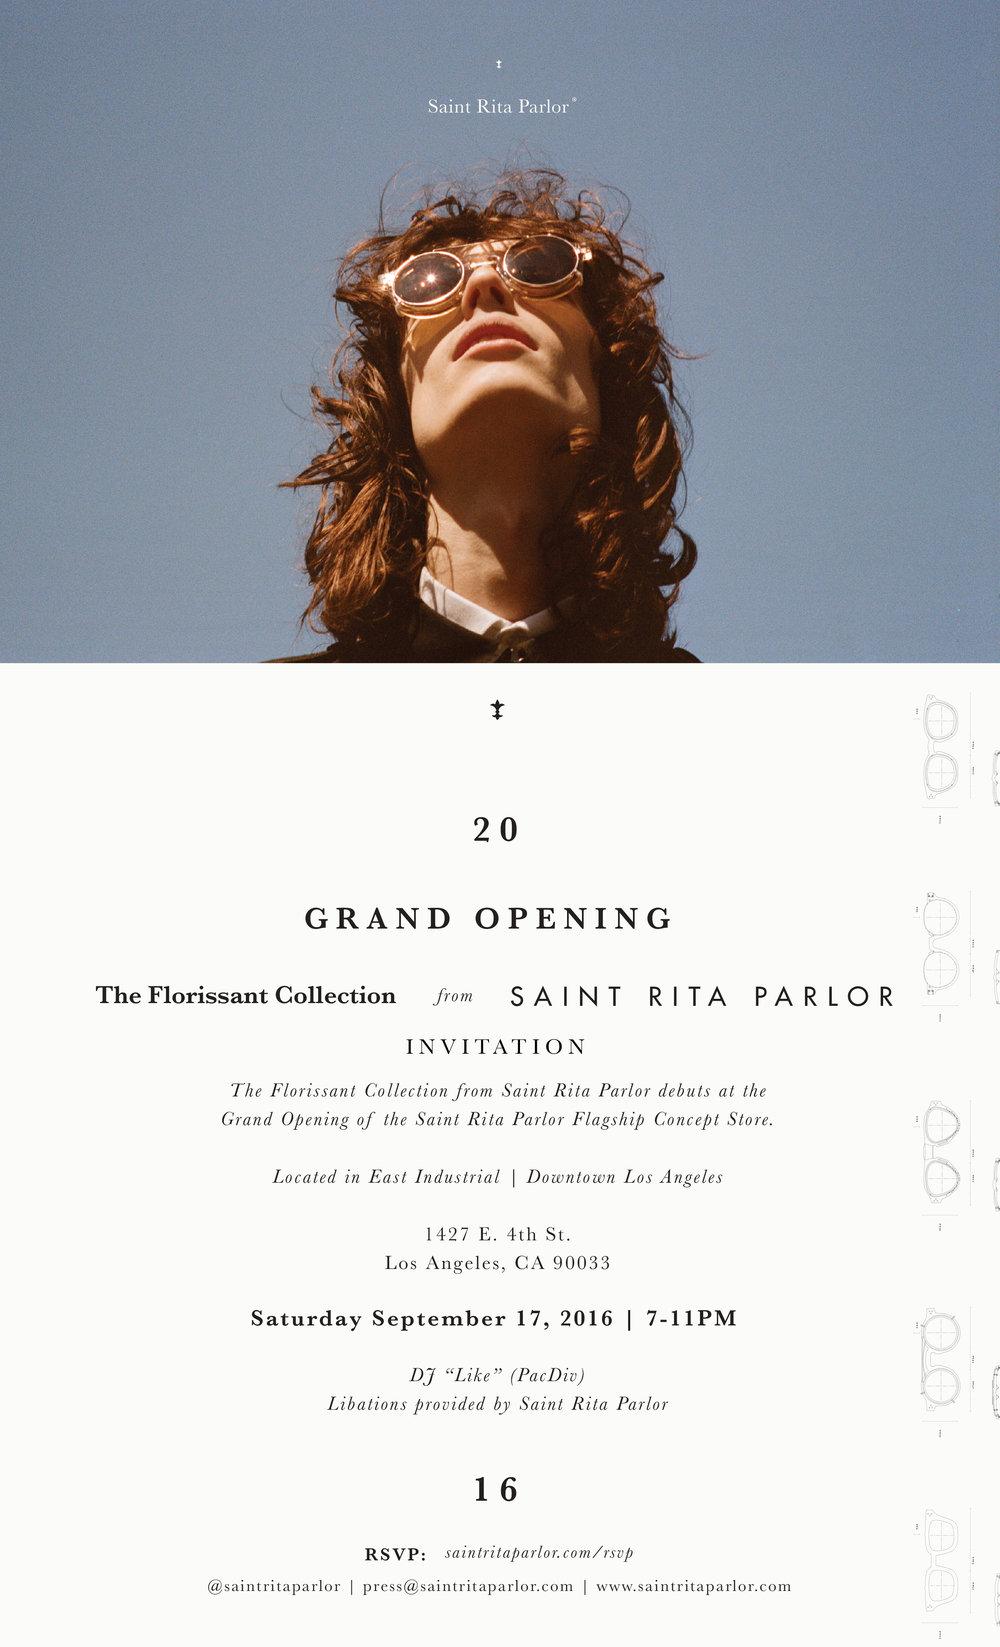 Saint_Rita_Parlor_FC_and_flagship_announcement.jpg